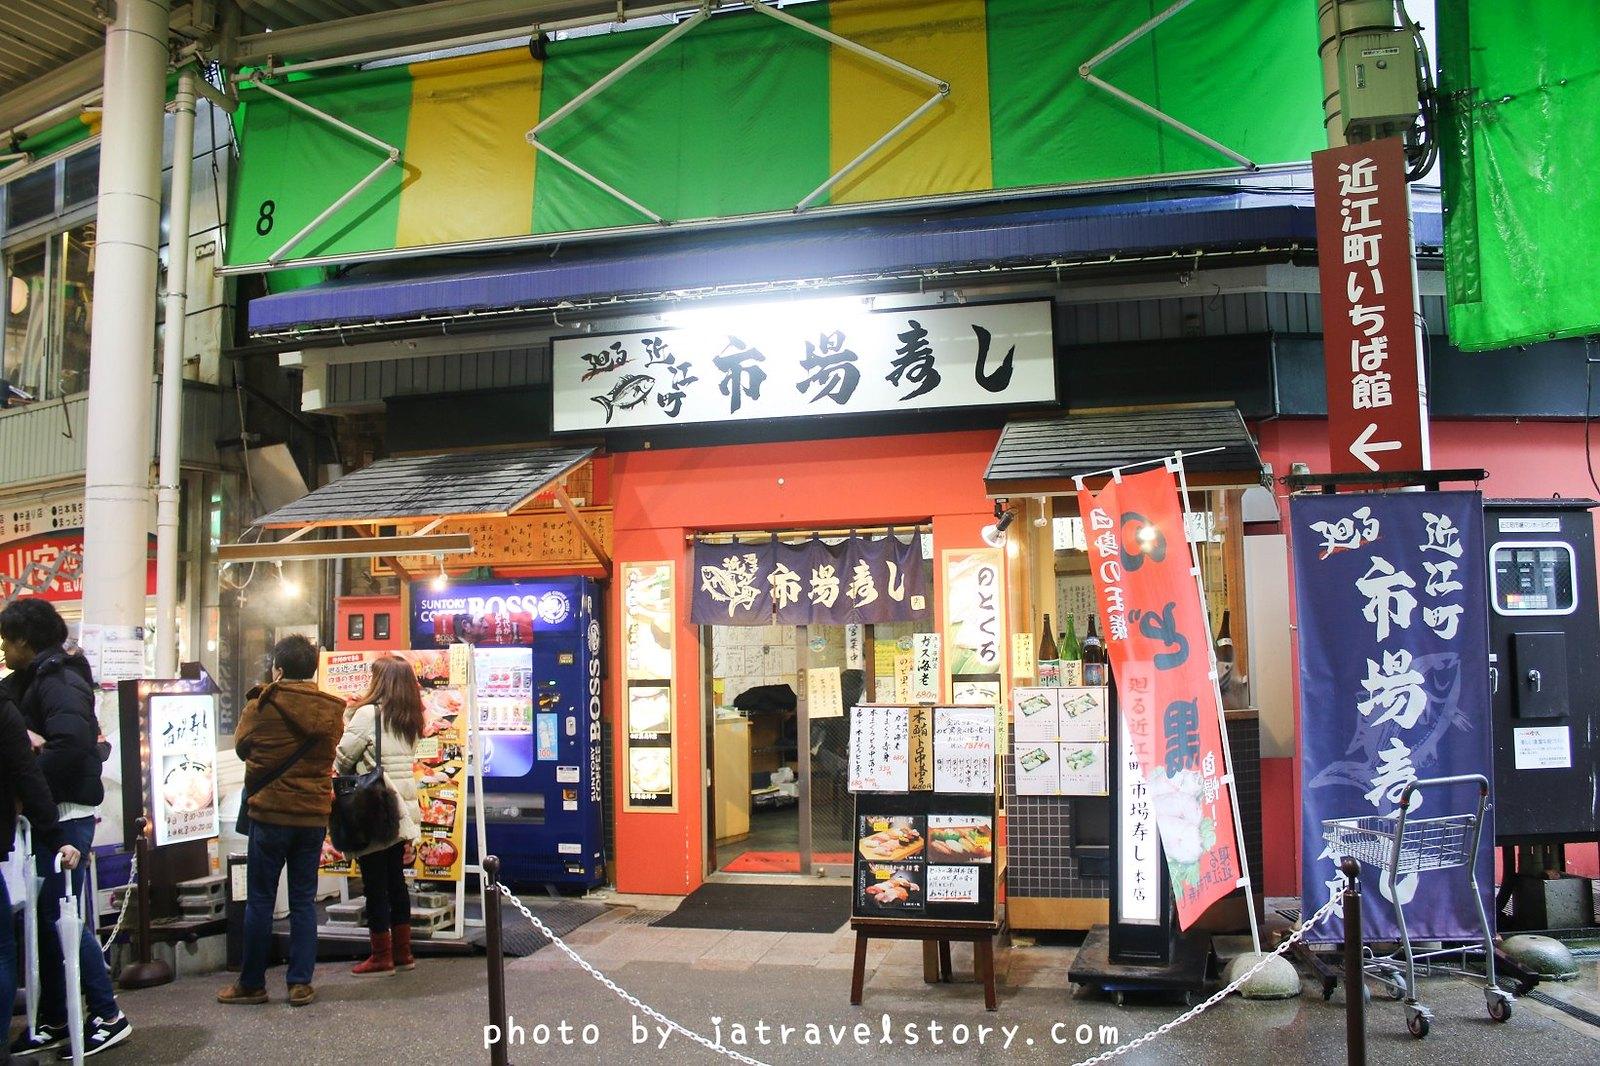 近江町市場寿し 近江町市場內的人氣海鮮丼【金澤美食/近江町市場美食】 @J&A的旅行